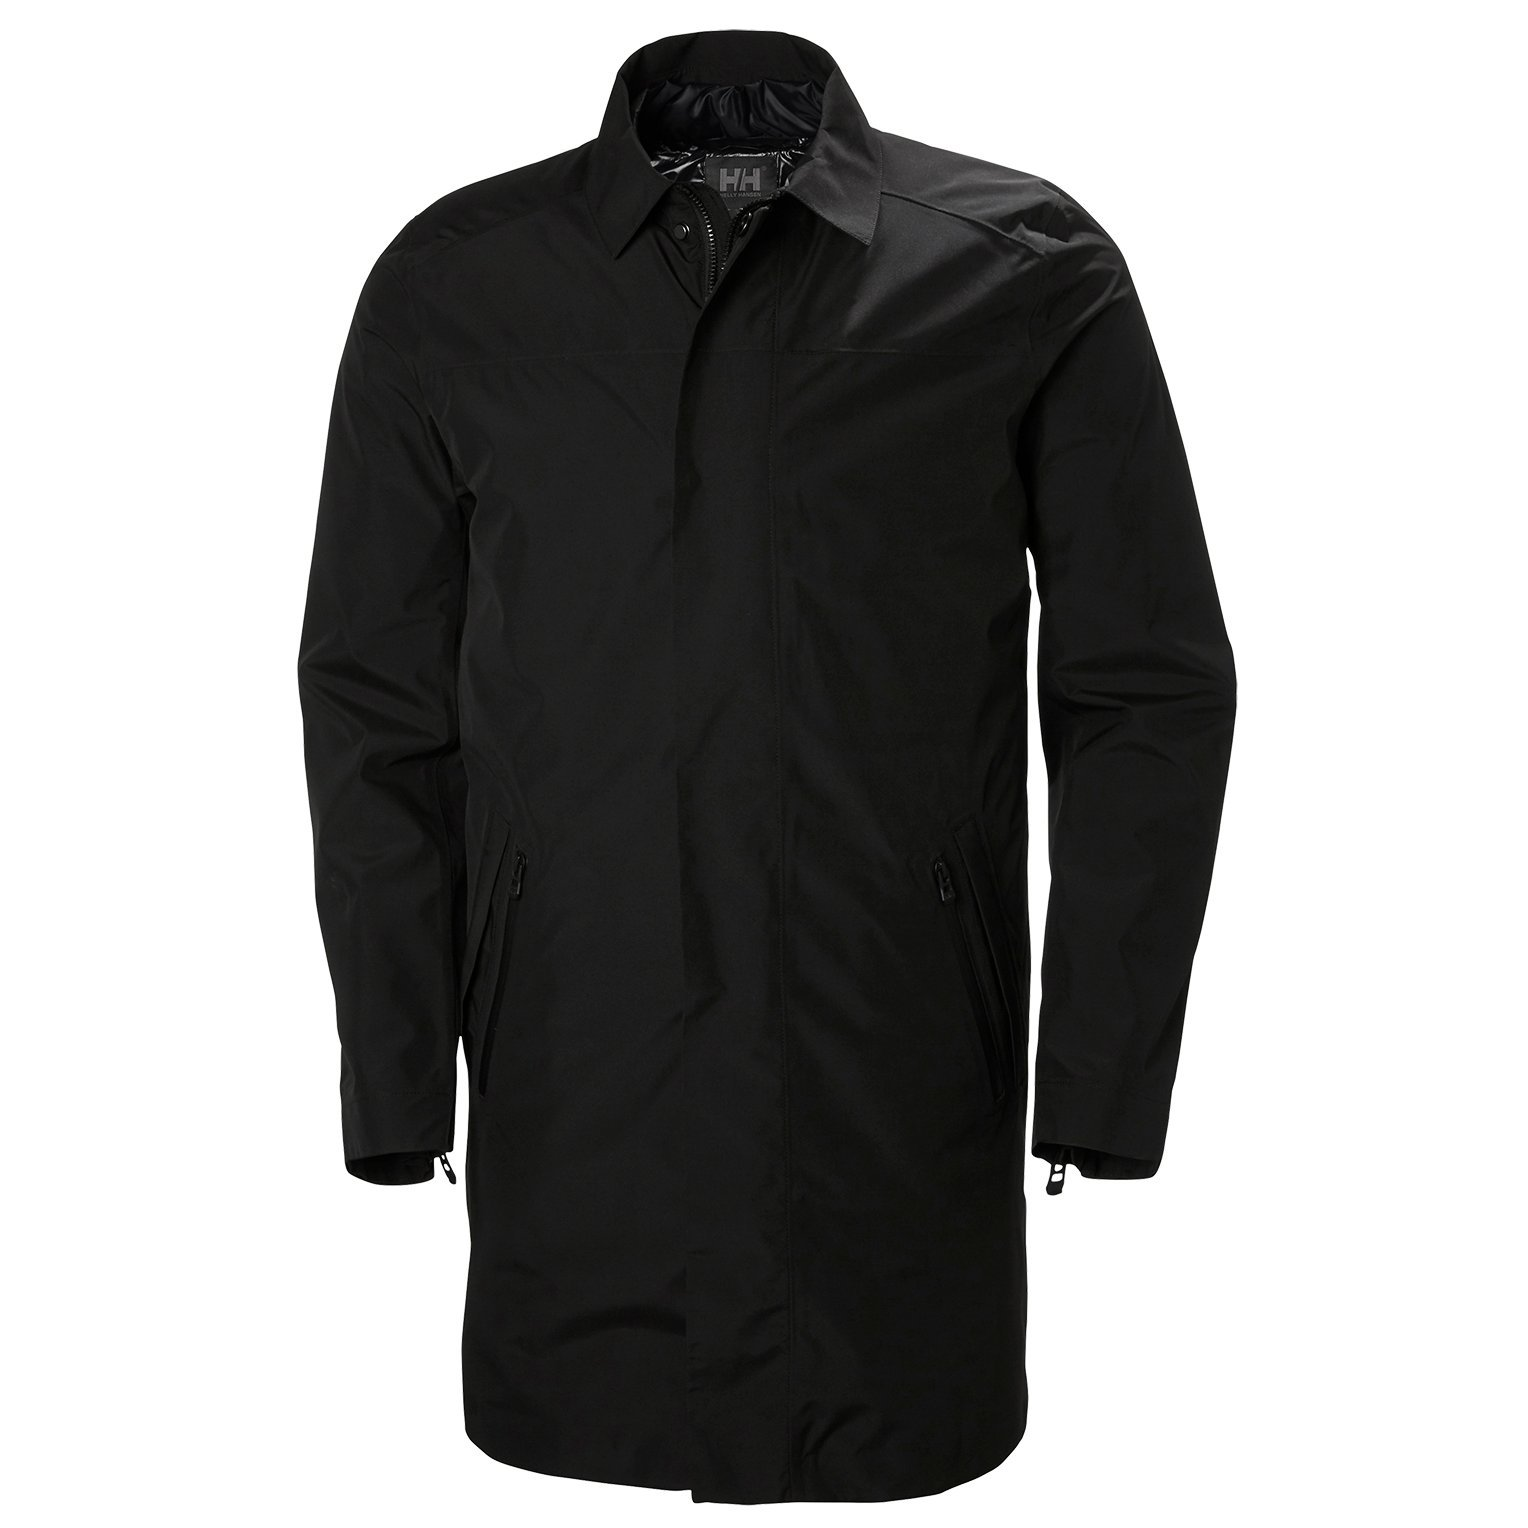 Helly Hansen 65131 Men's Ask Business Coat, Black - L